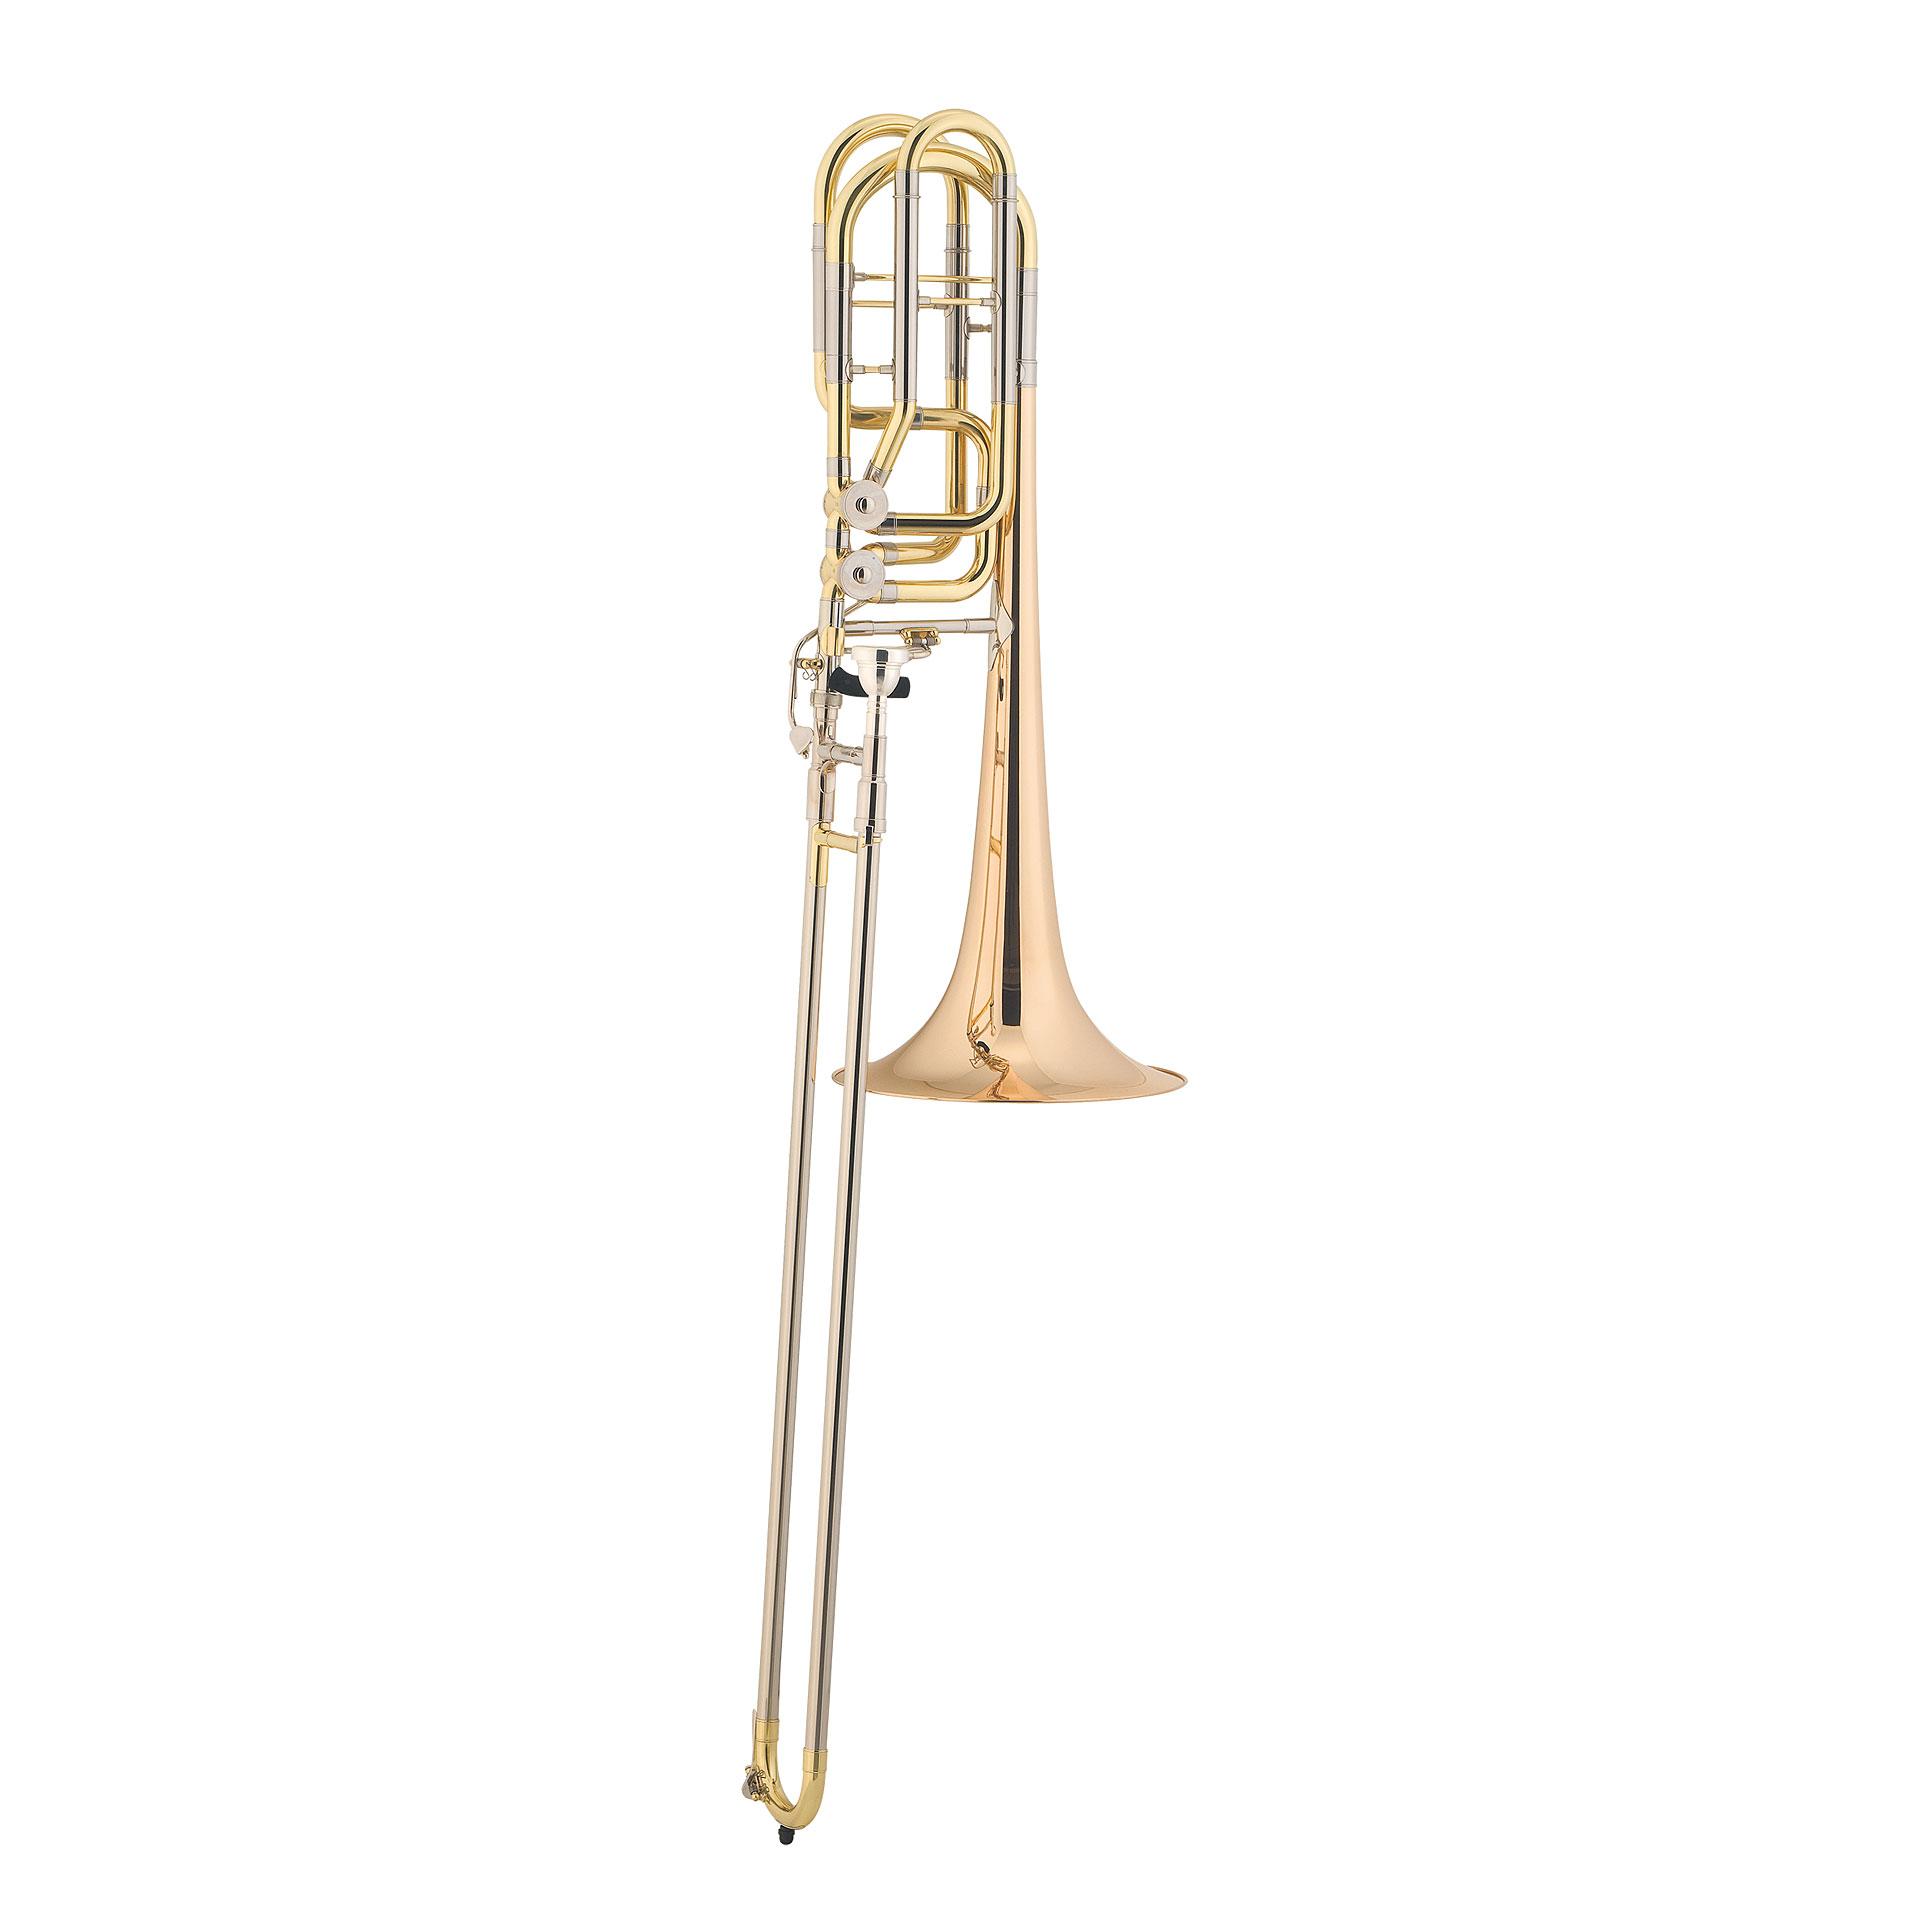 Тромбон - музыкальный инструмент симфонического оркестра | энциклопедия волынки (bagpipe).